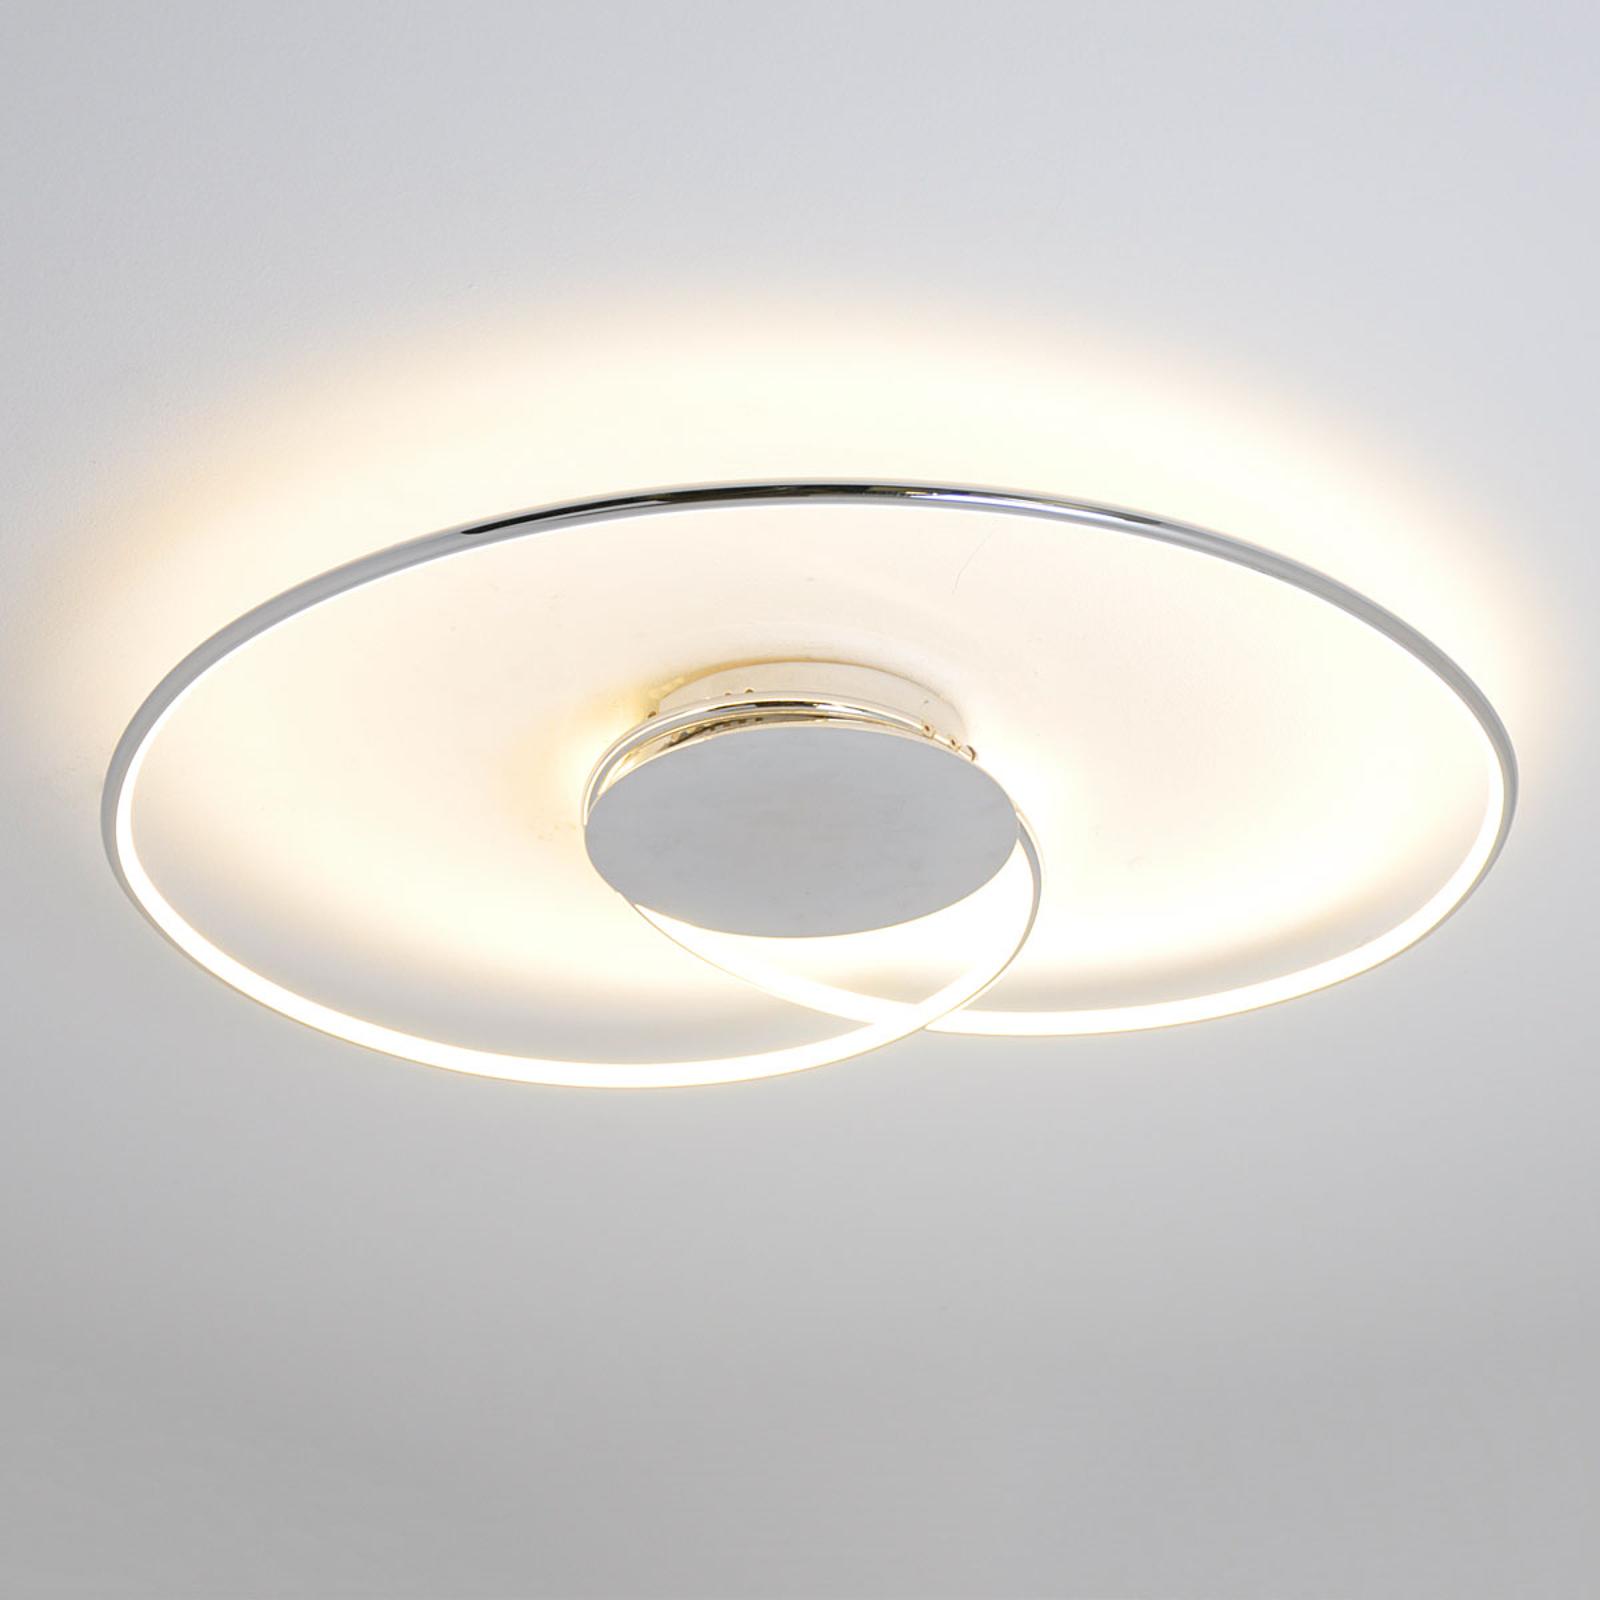 Joline - esile lampada LED da soffitto